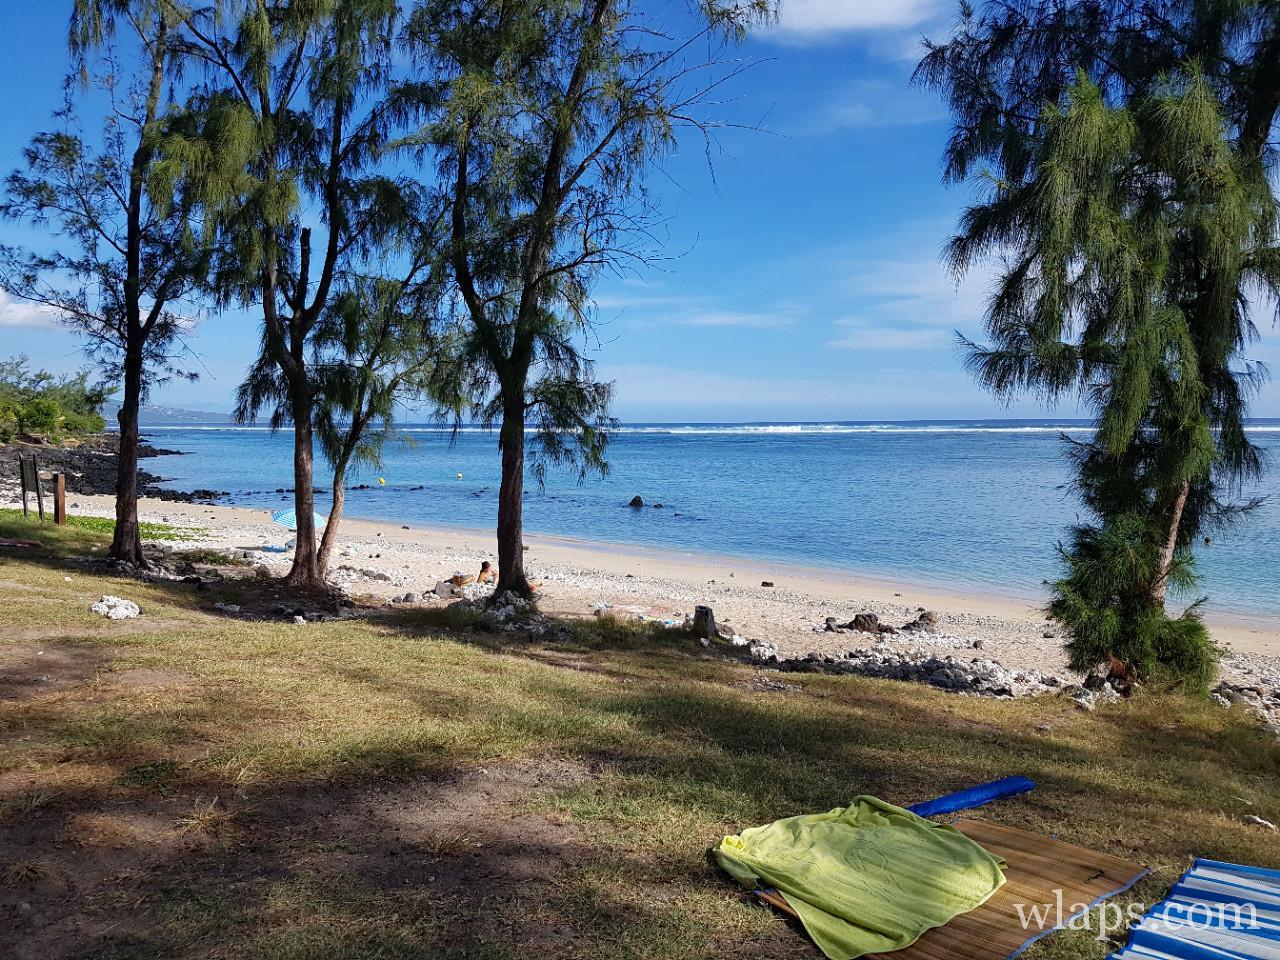 Plage pour faire du snorkeling à La Réunion : la plage de Trou d'Eau